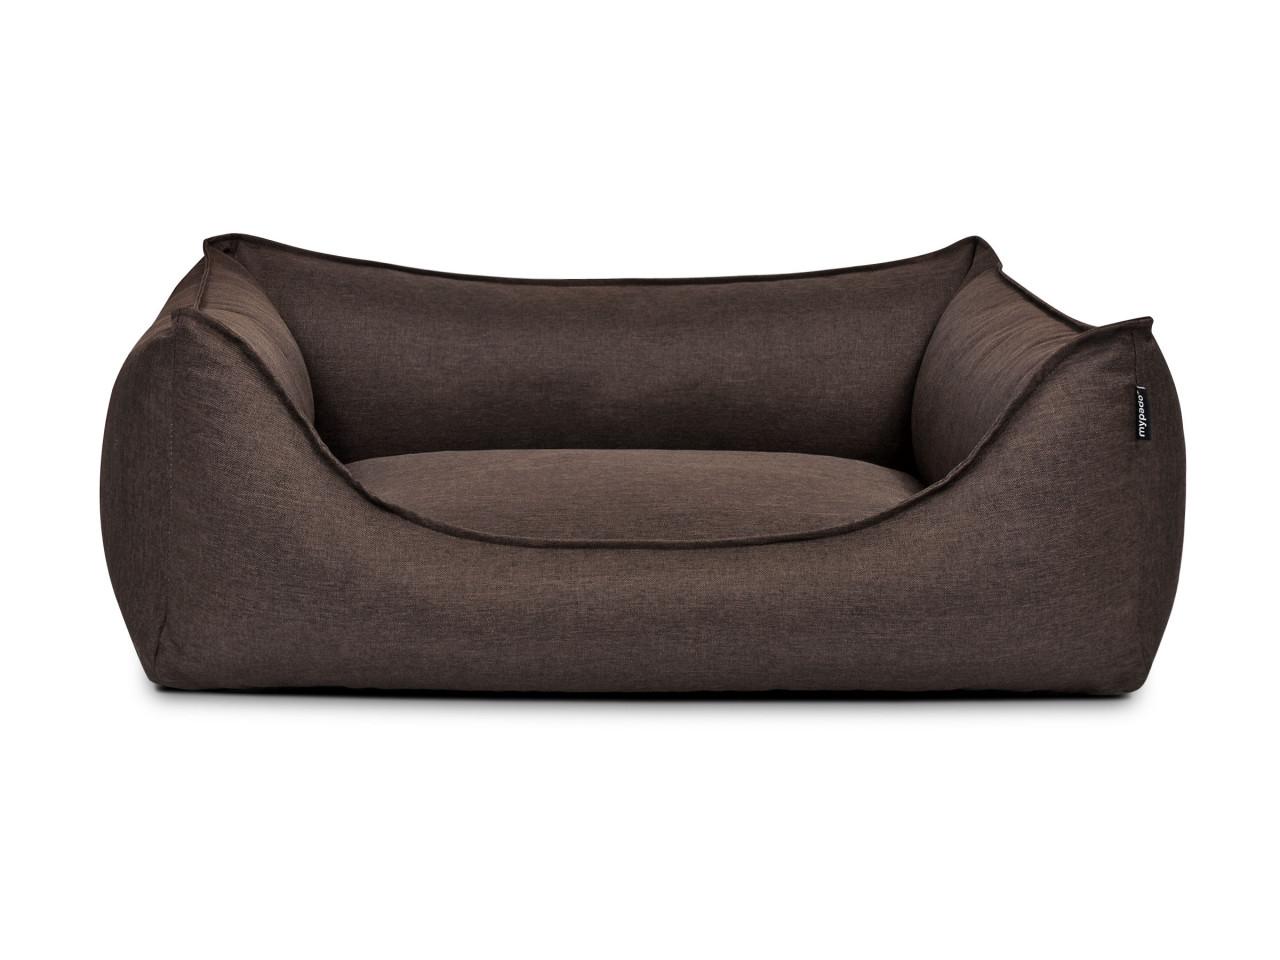 hundebett-dream-brown-hund